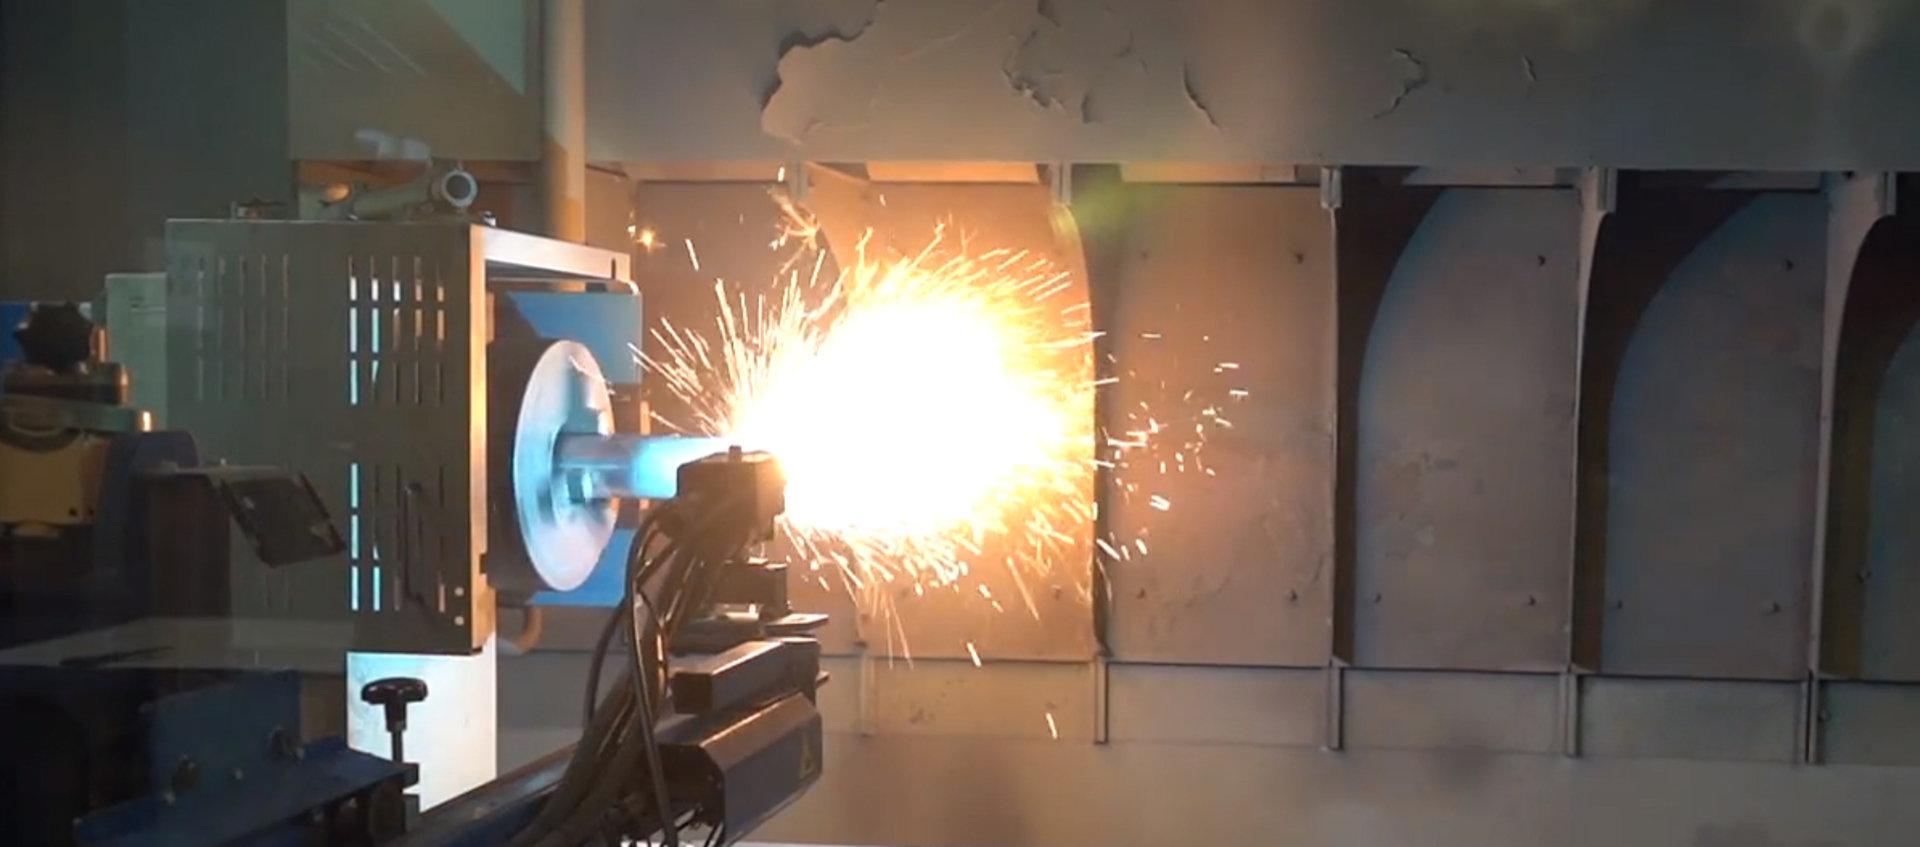 Bedrijfsbezoek Revamo - Specialisten in thermische coatings en lasercladden